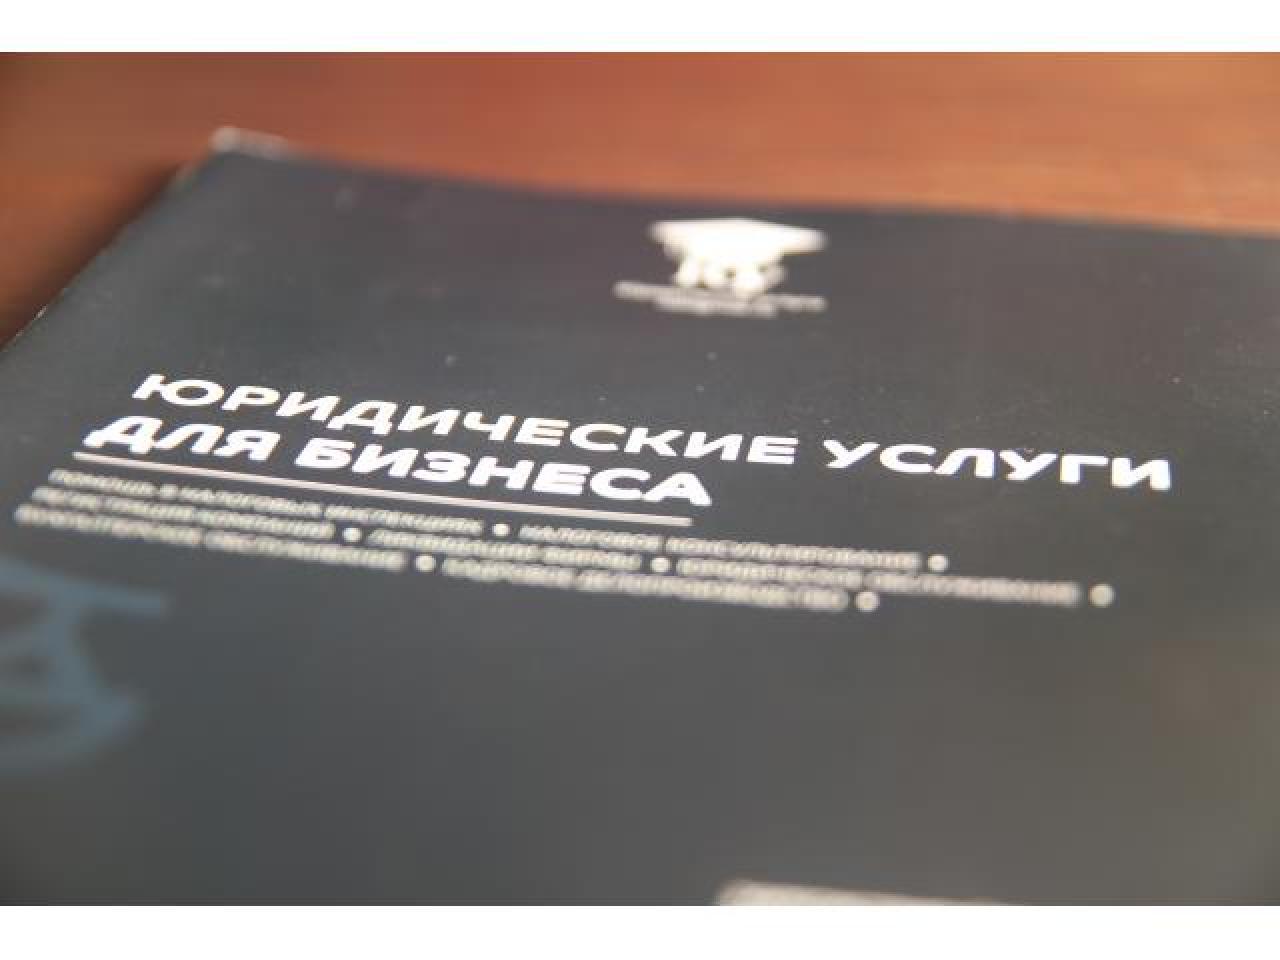 Регистрация фирм, оффшорных компаний, юридические услуги - 1